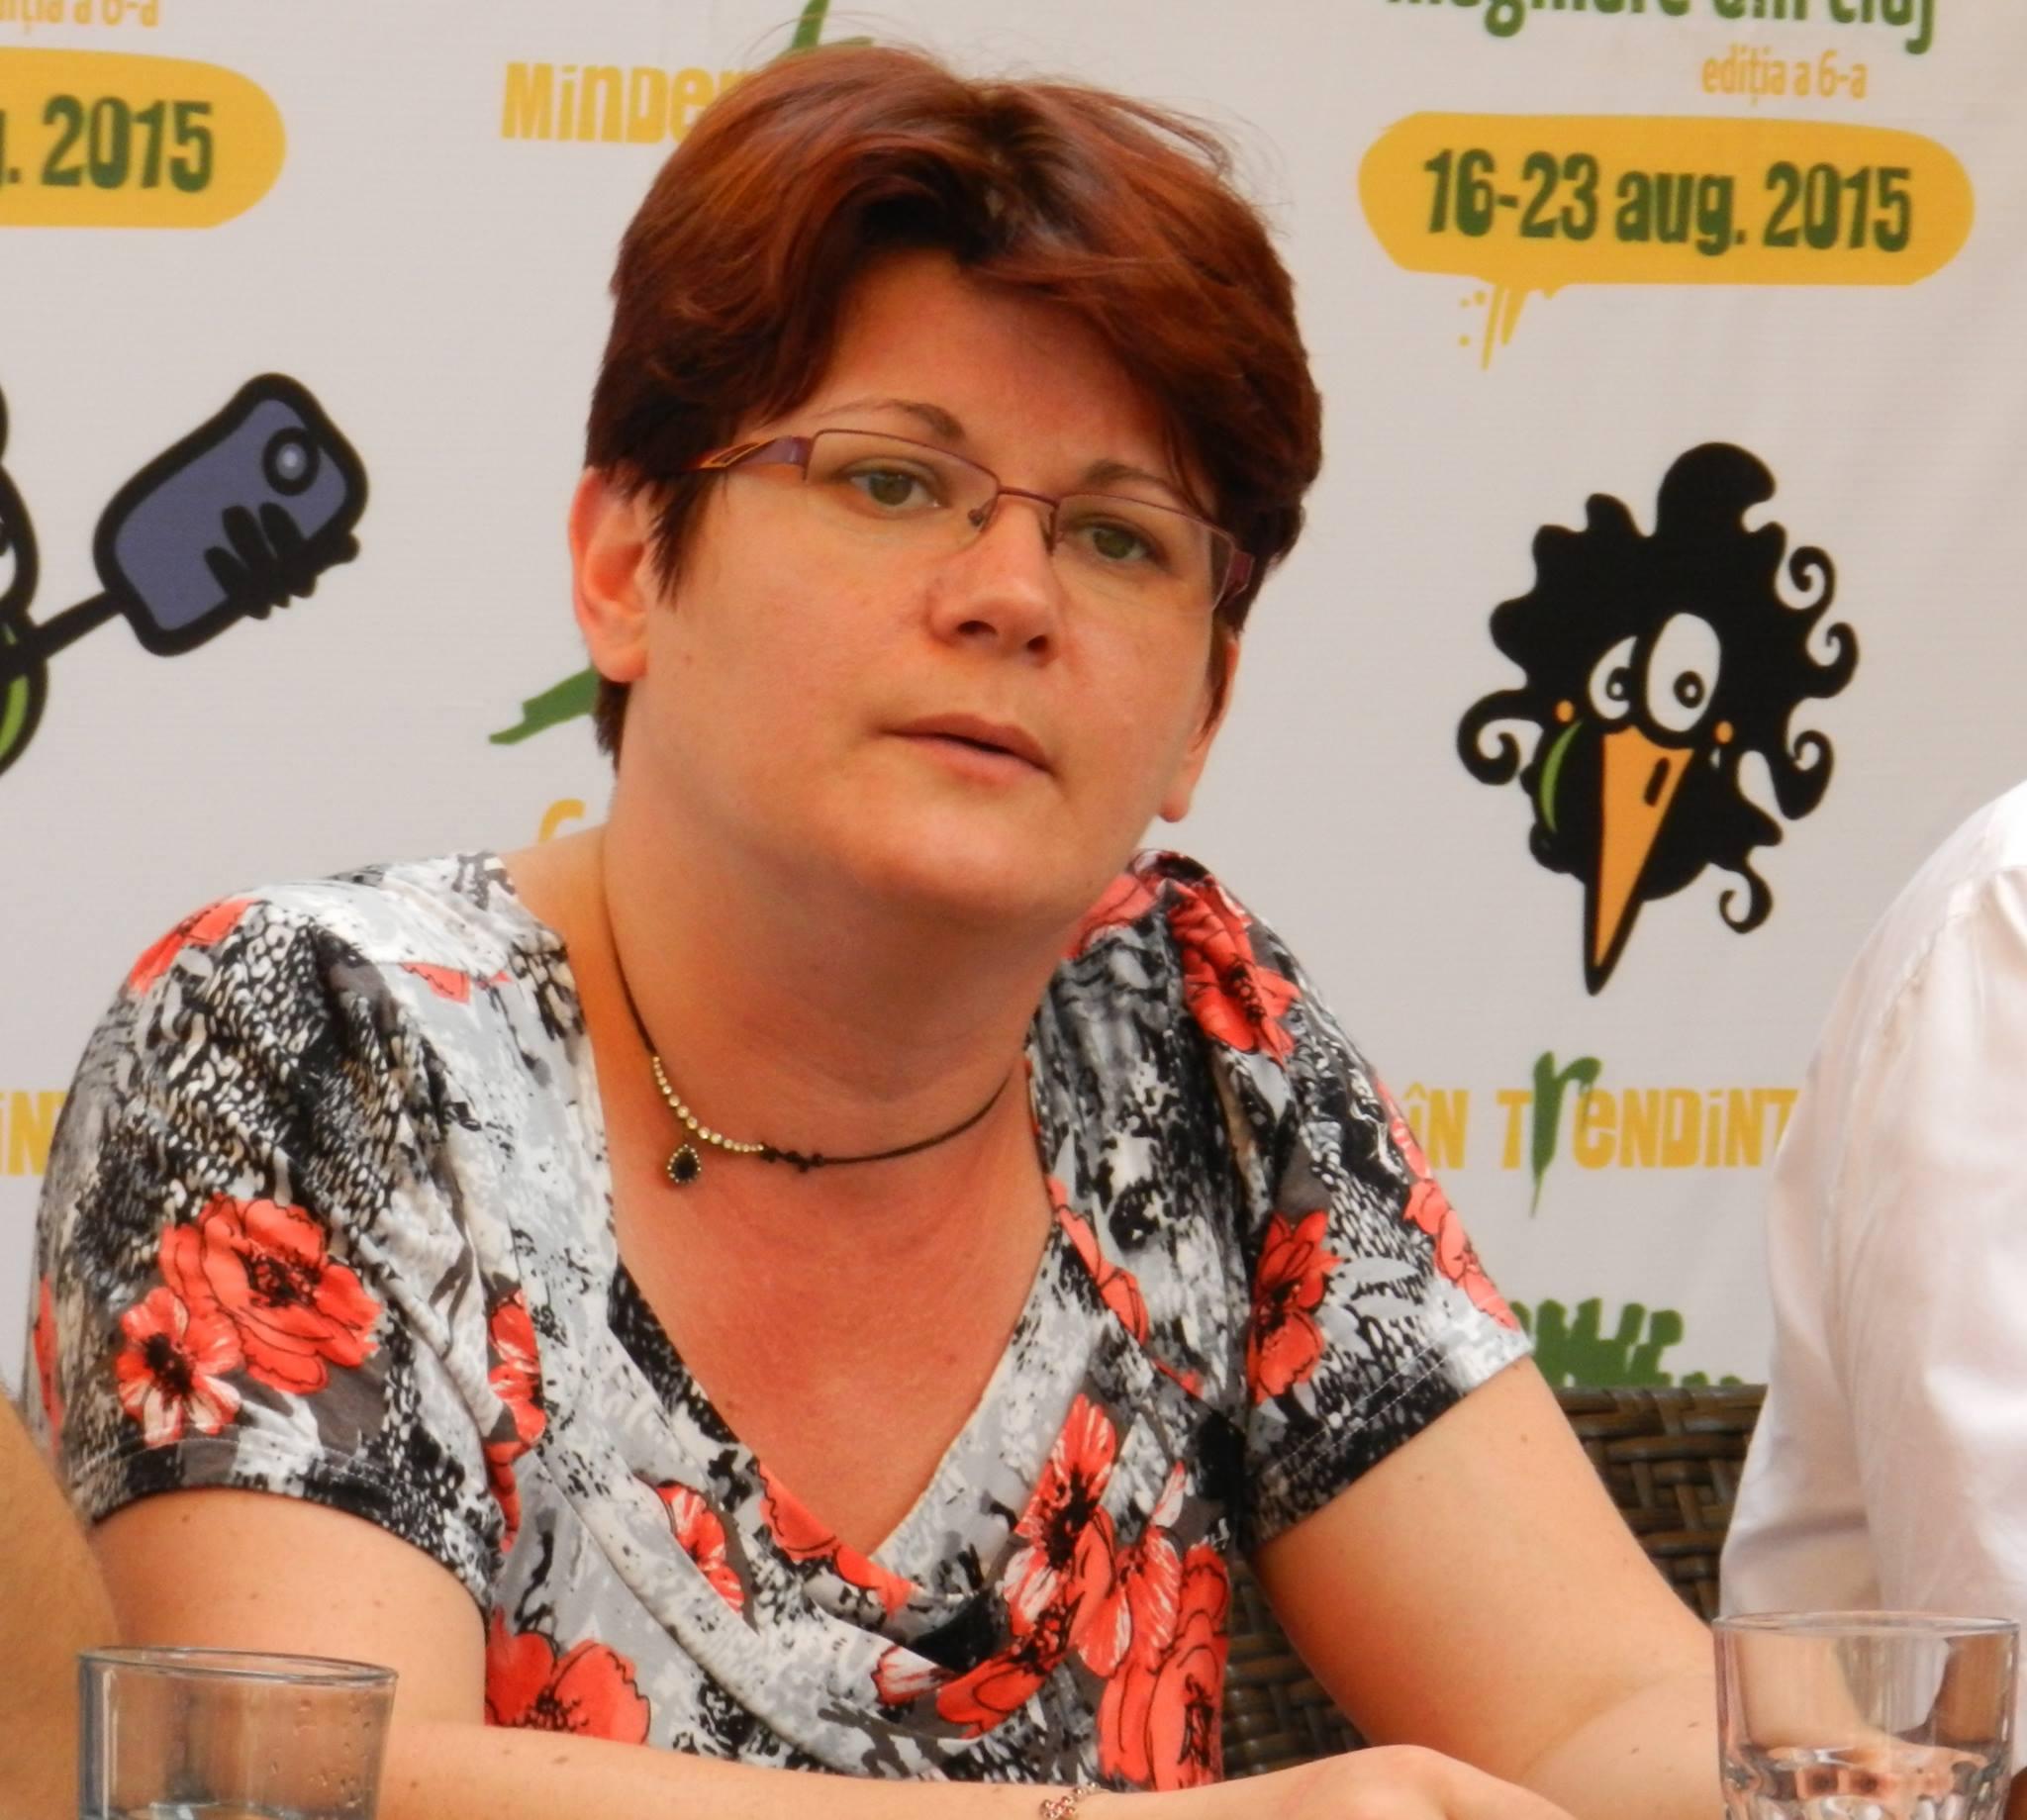 Problemele continuă pentru viceprimarul Anna Horvath – ANI a solicitat DNA să o cerceteze pentru conflict de interese și spălare de bani